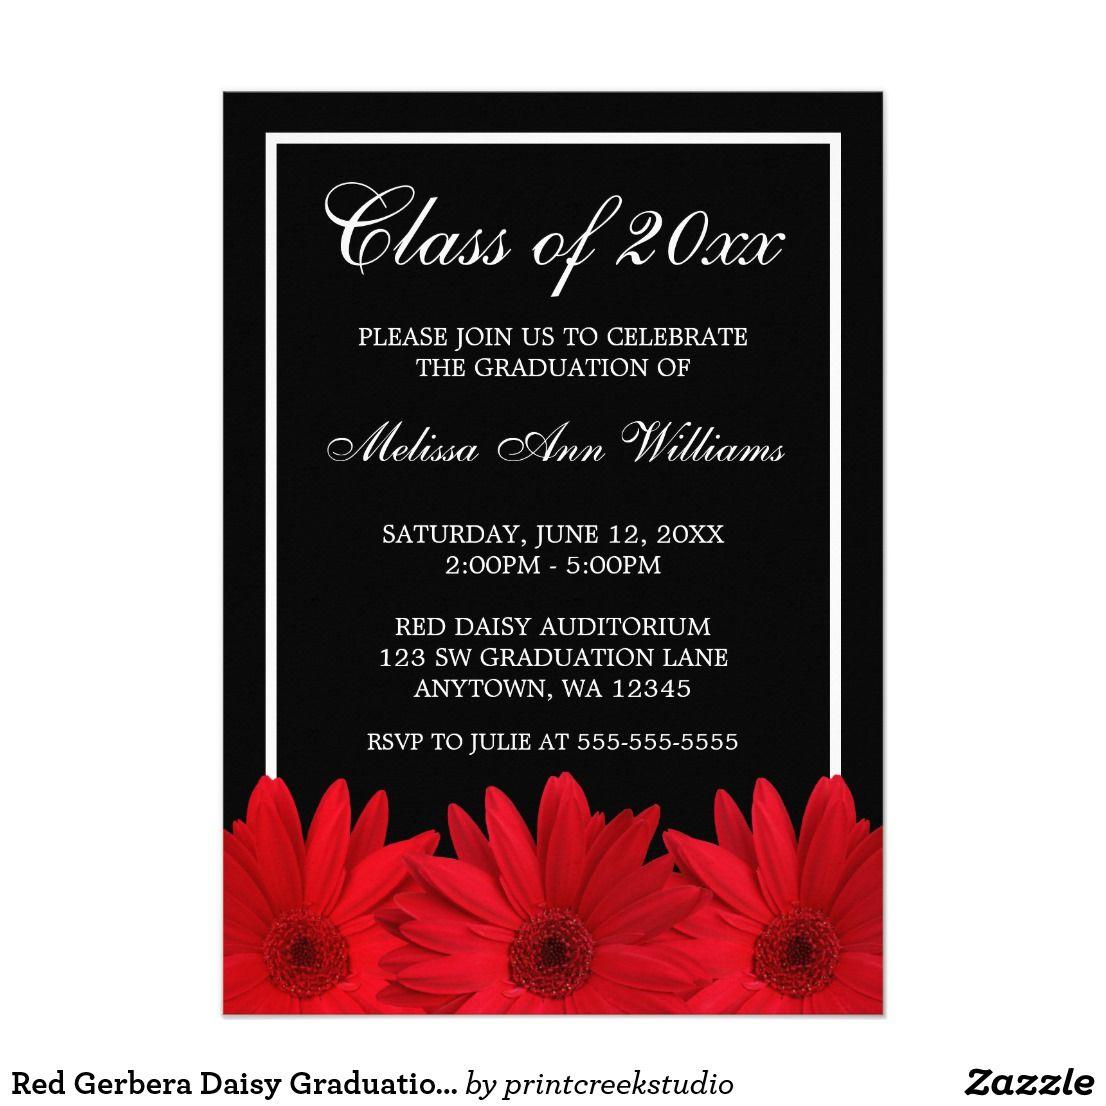 Red Gerbera Daisy Graduation Announcement | Pinterest